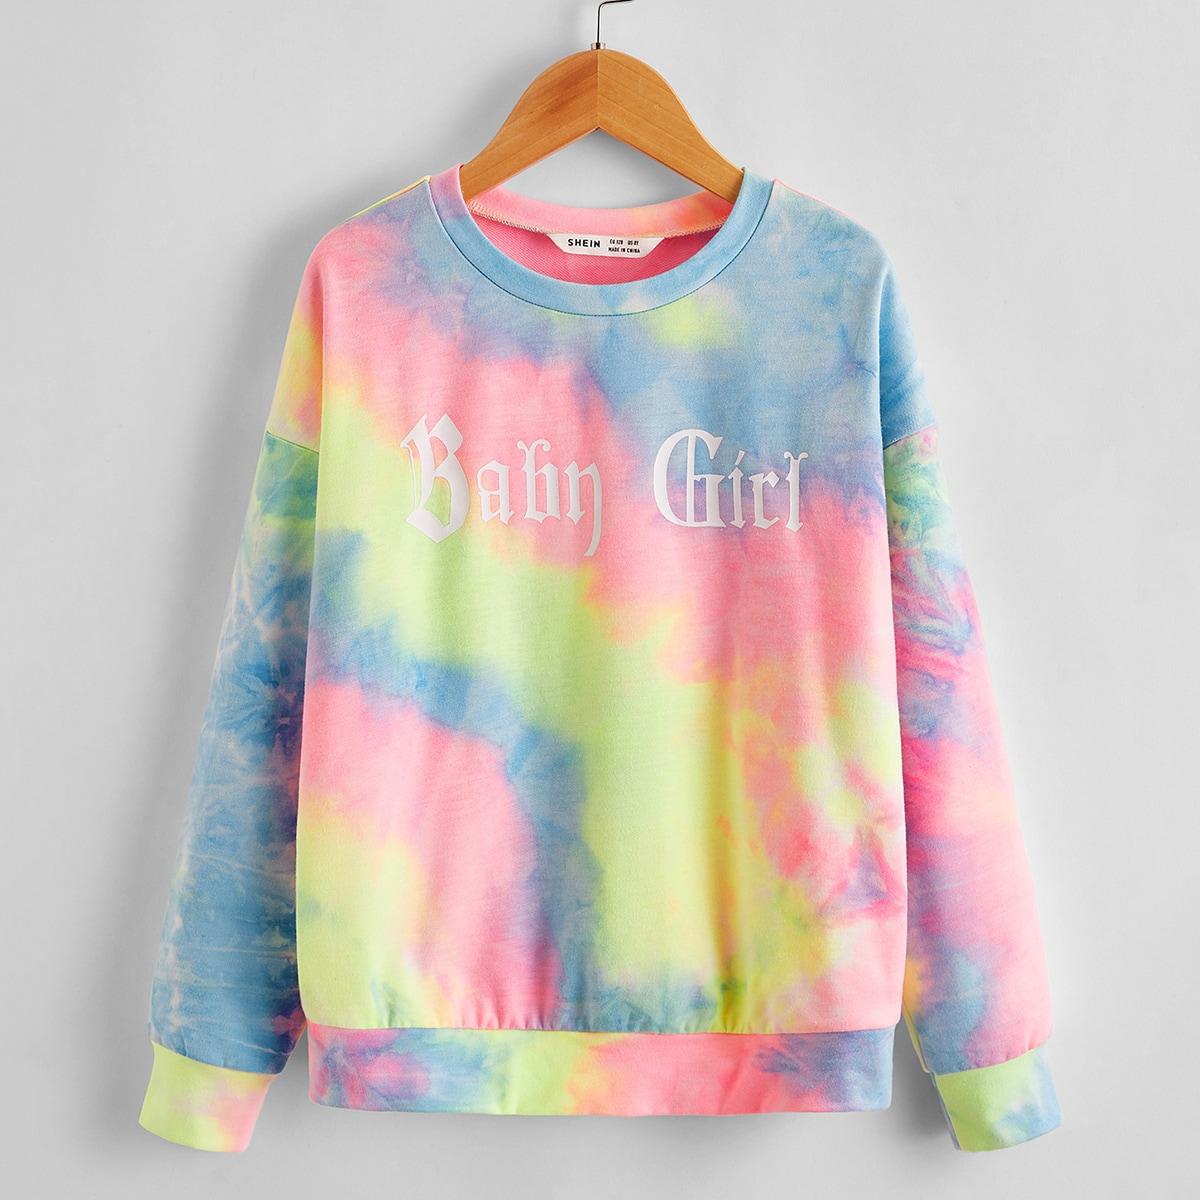 Разноцветный свитшот с текстовым принтом для девочек от SHEIN